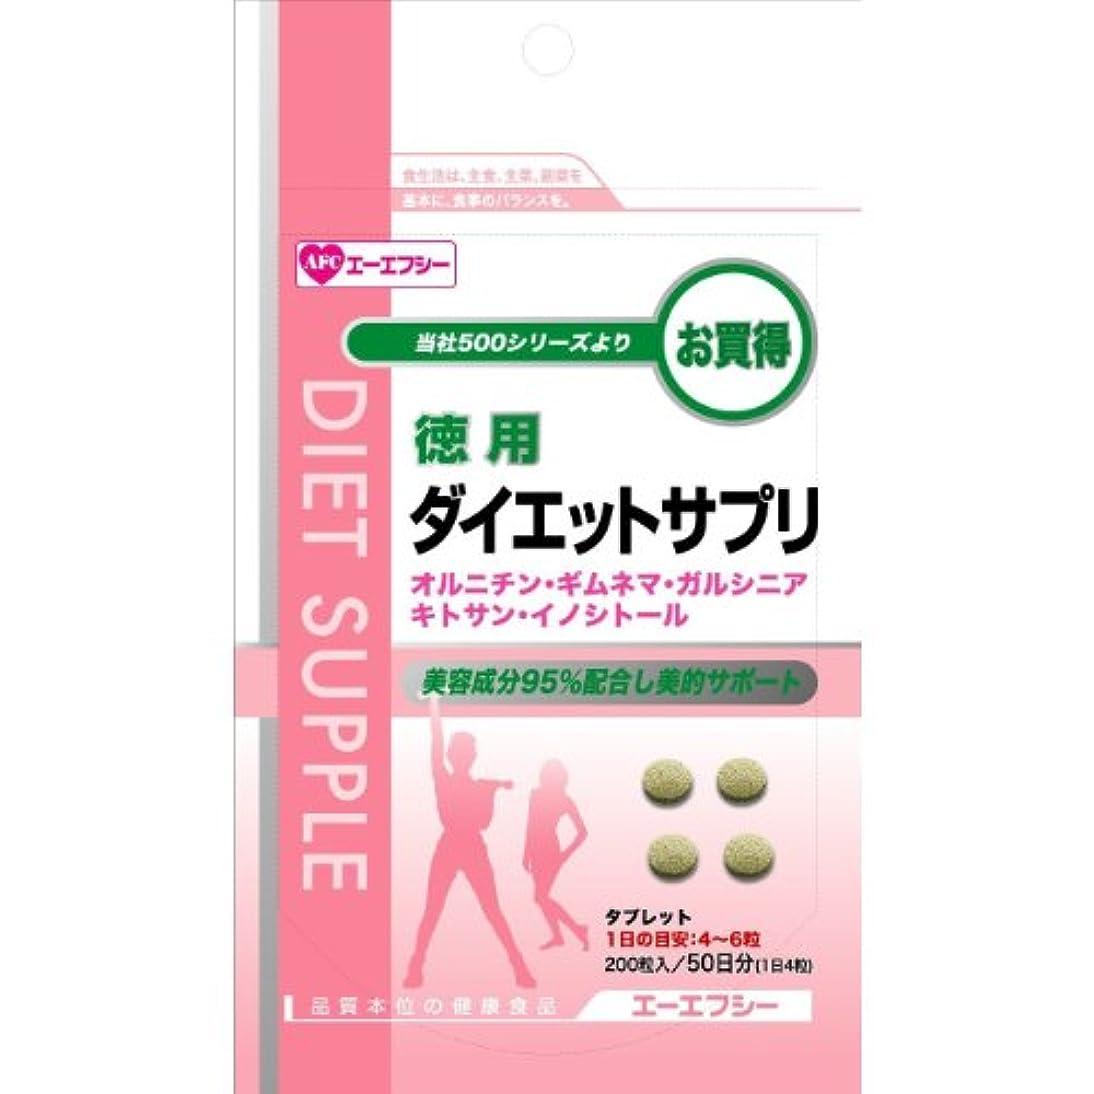 適応水曜日うまくやる()AFC980円シリーズ 徳用 ダイエットサプリ 200粒入 (約50日分)【10袋セット】